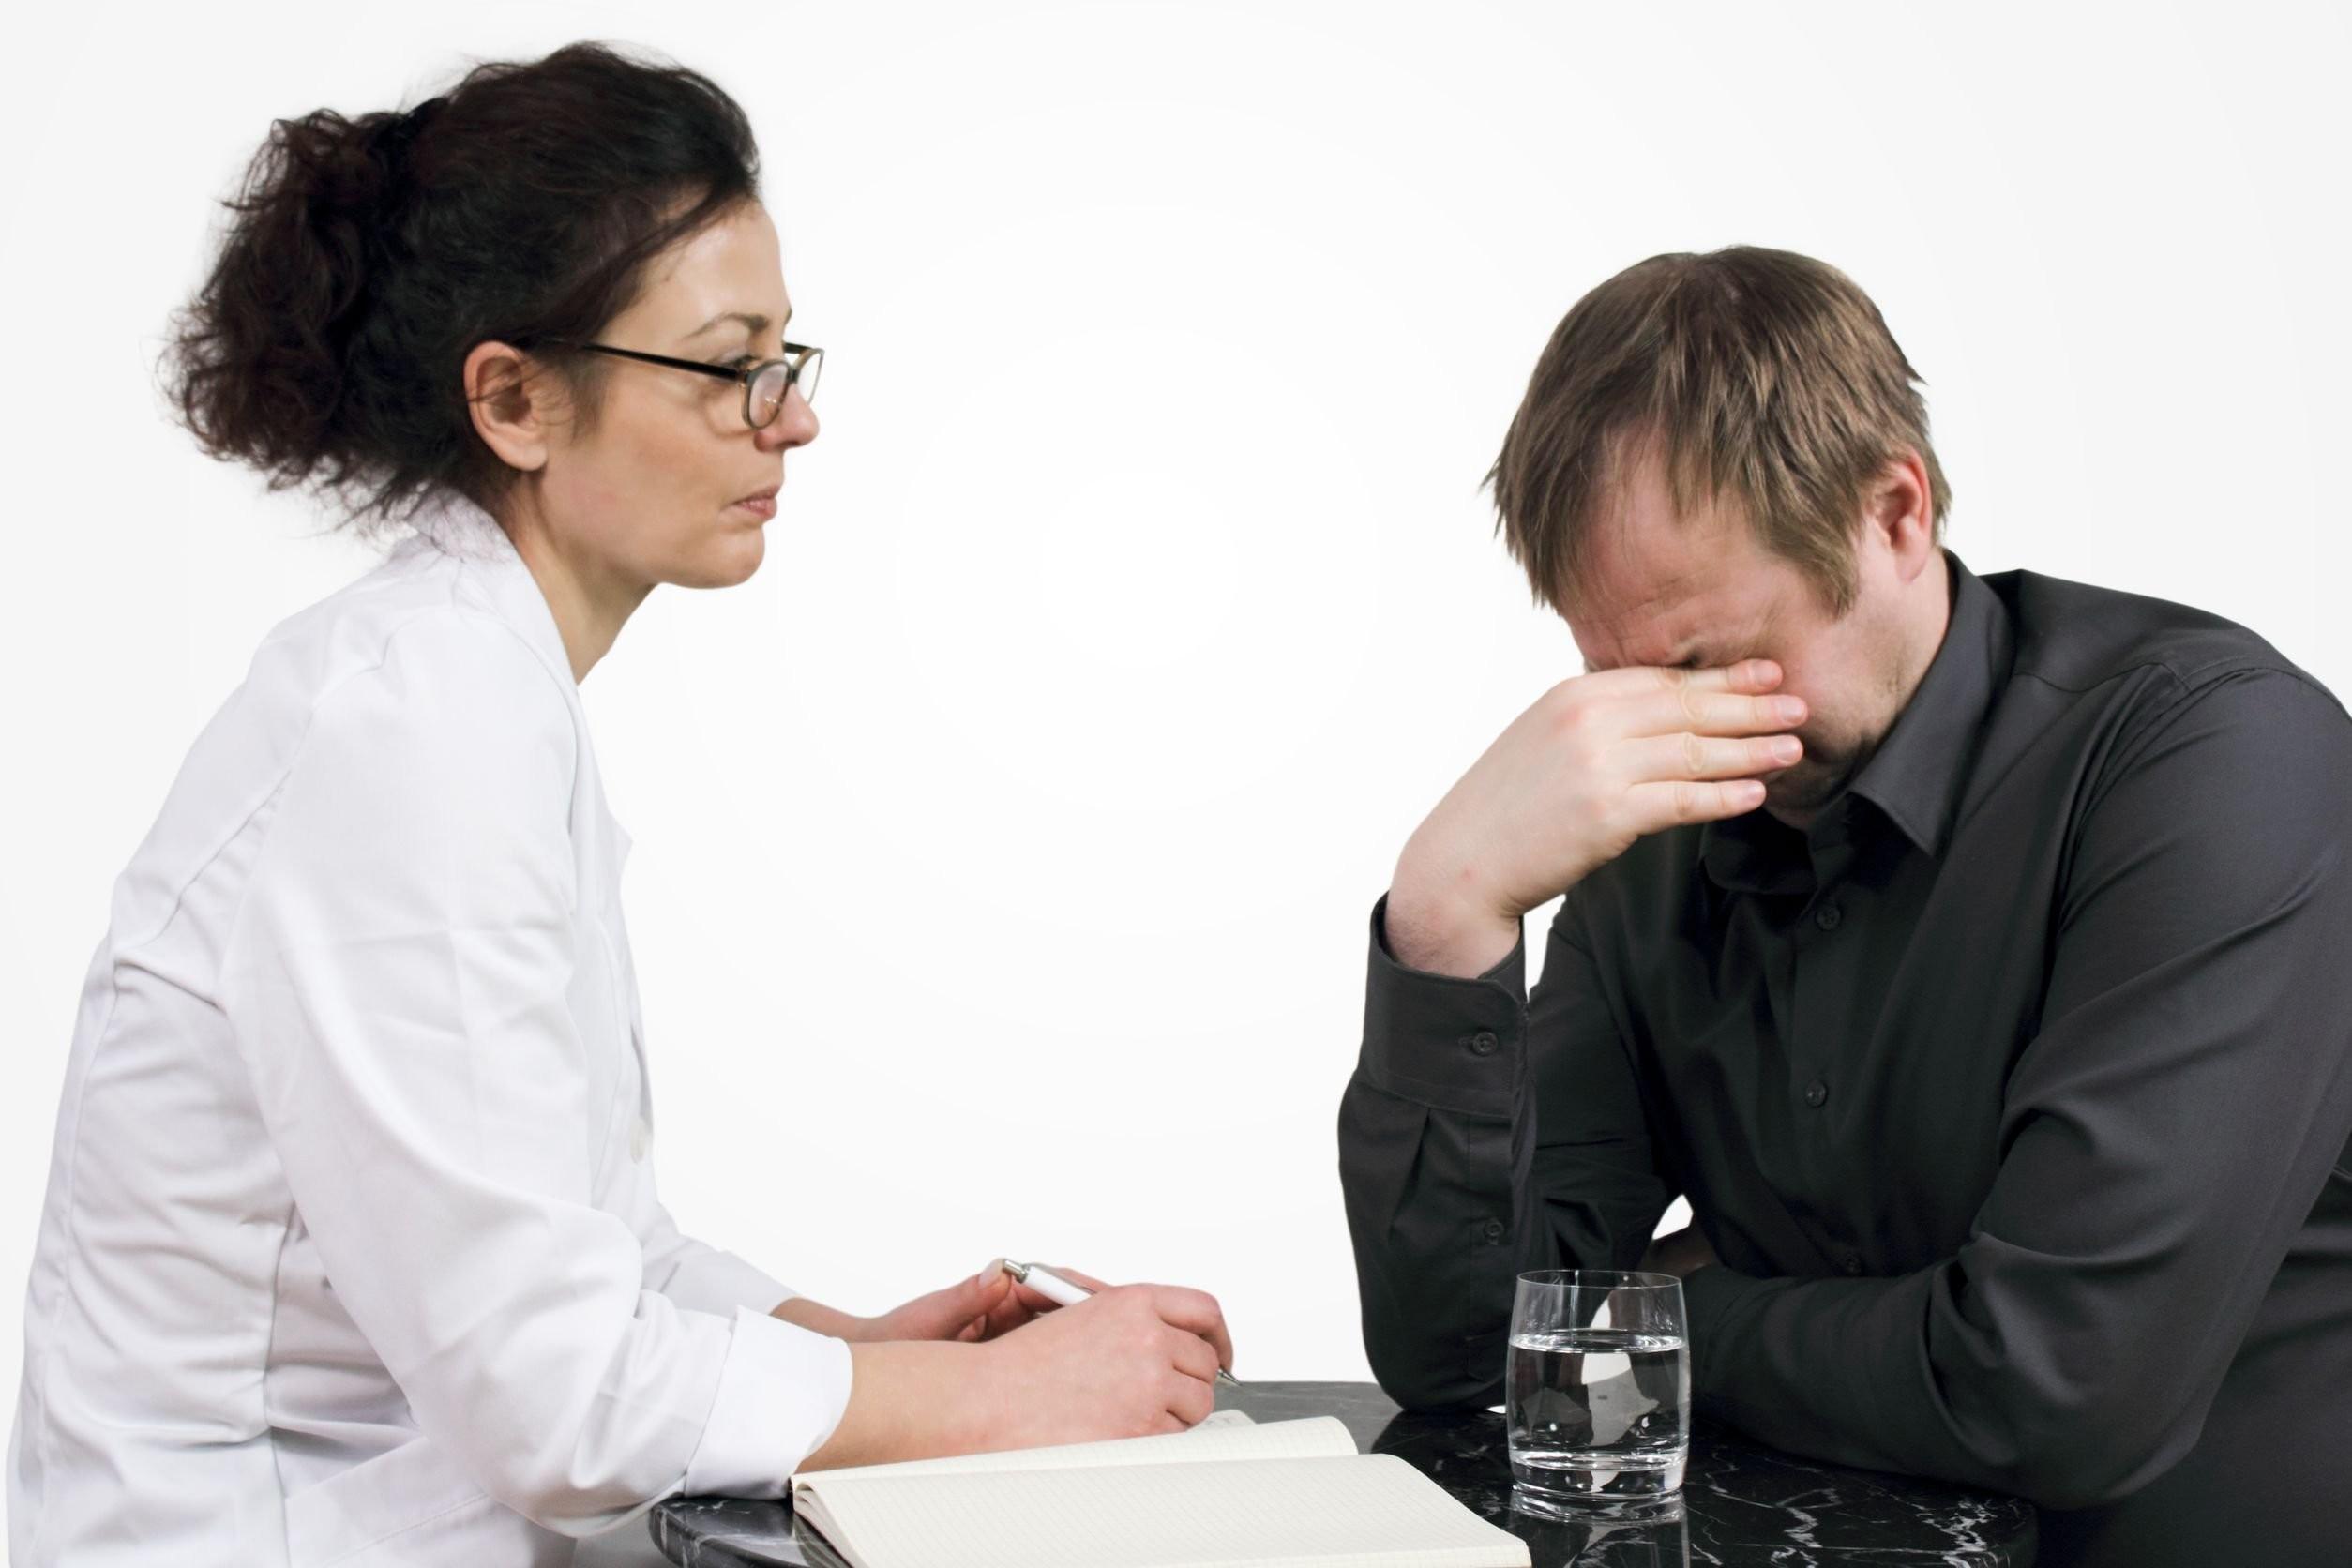 Поможет ли помощь психолога при депрессии, и в чем она заключается?